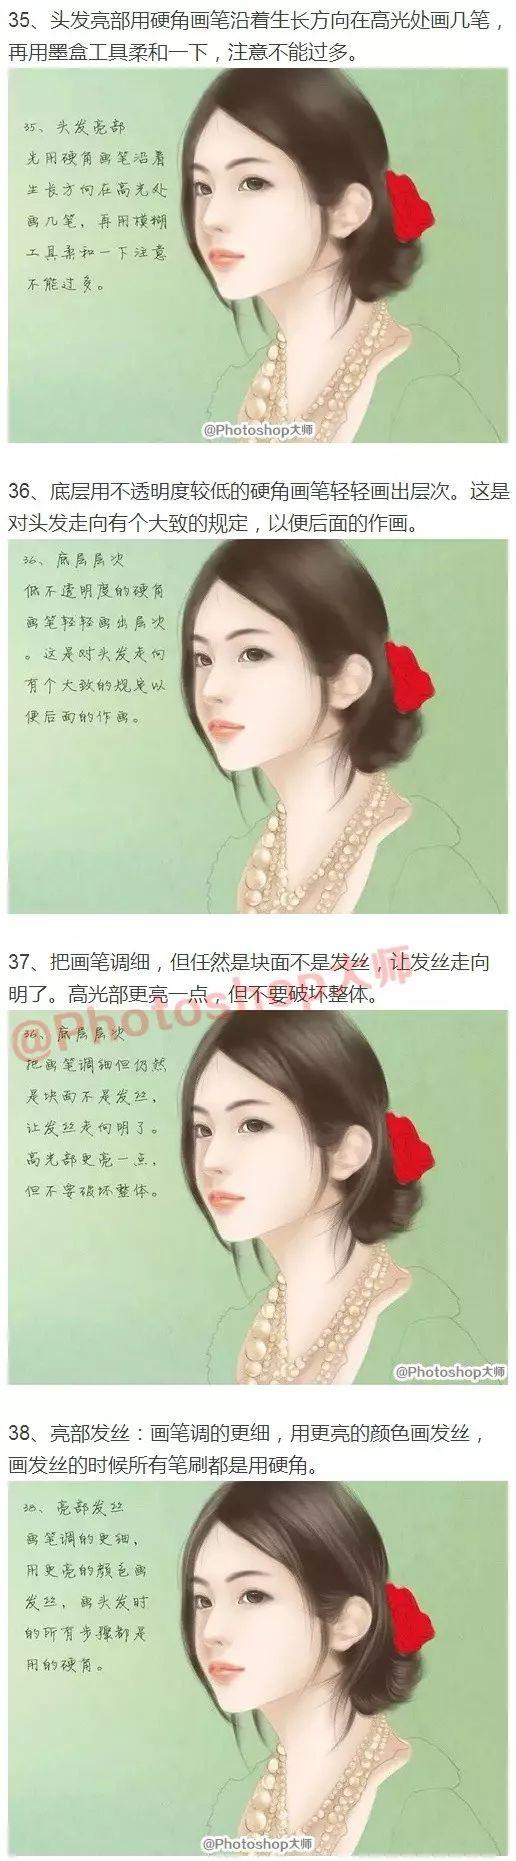 超好看!巧用PS加Sai绘制打造漂亮的古典美女封面! imeee.net